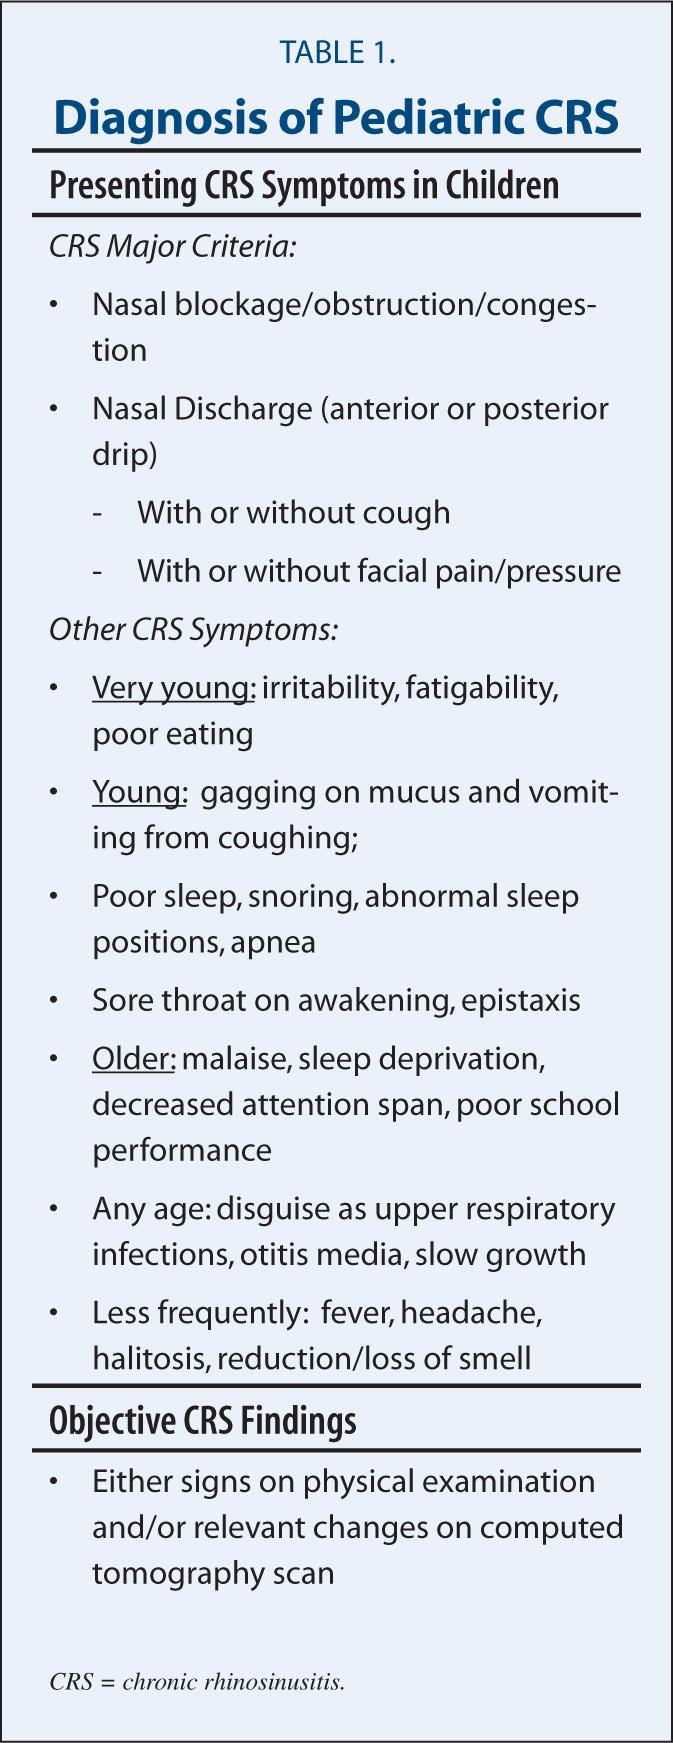 Diagnosis of Pediatric CRS